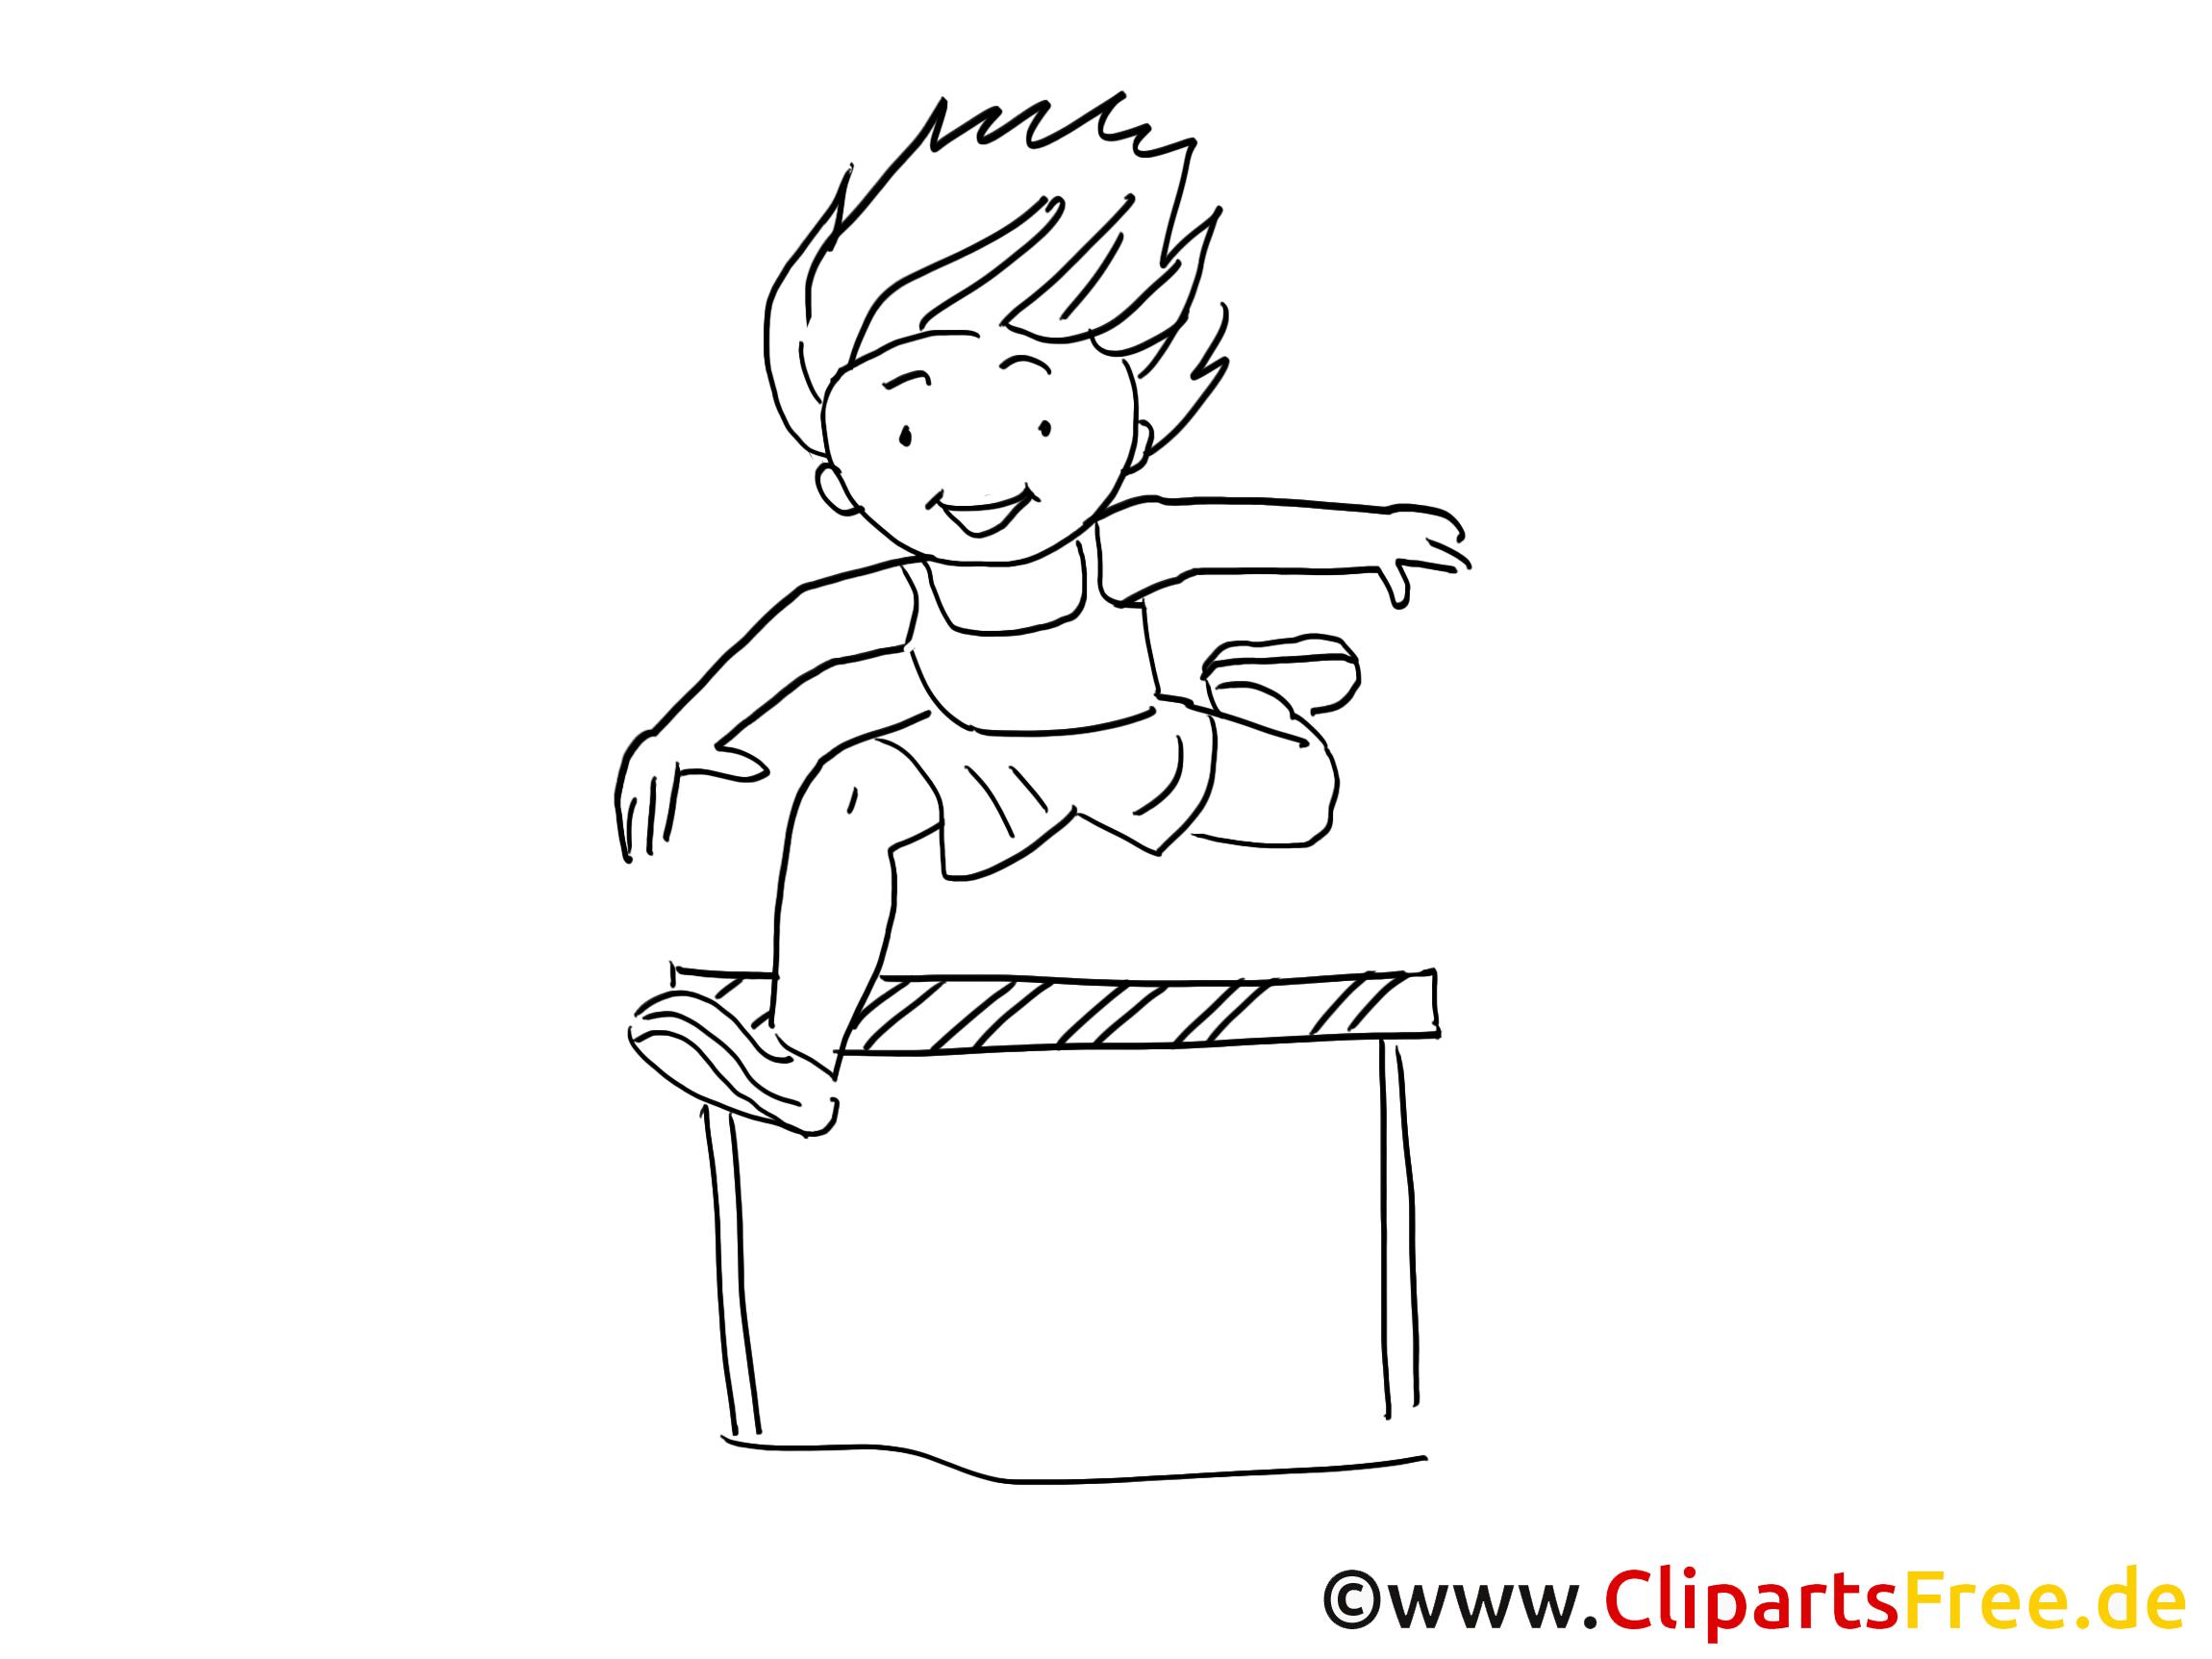 Sautes clip art gratuit – Sport à colorier